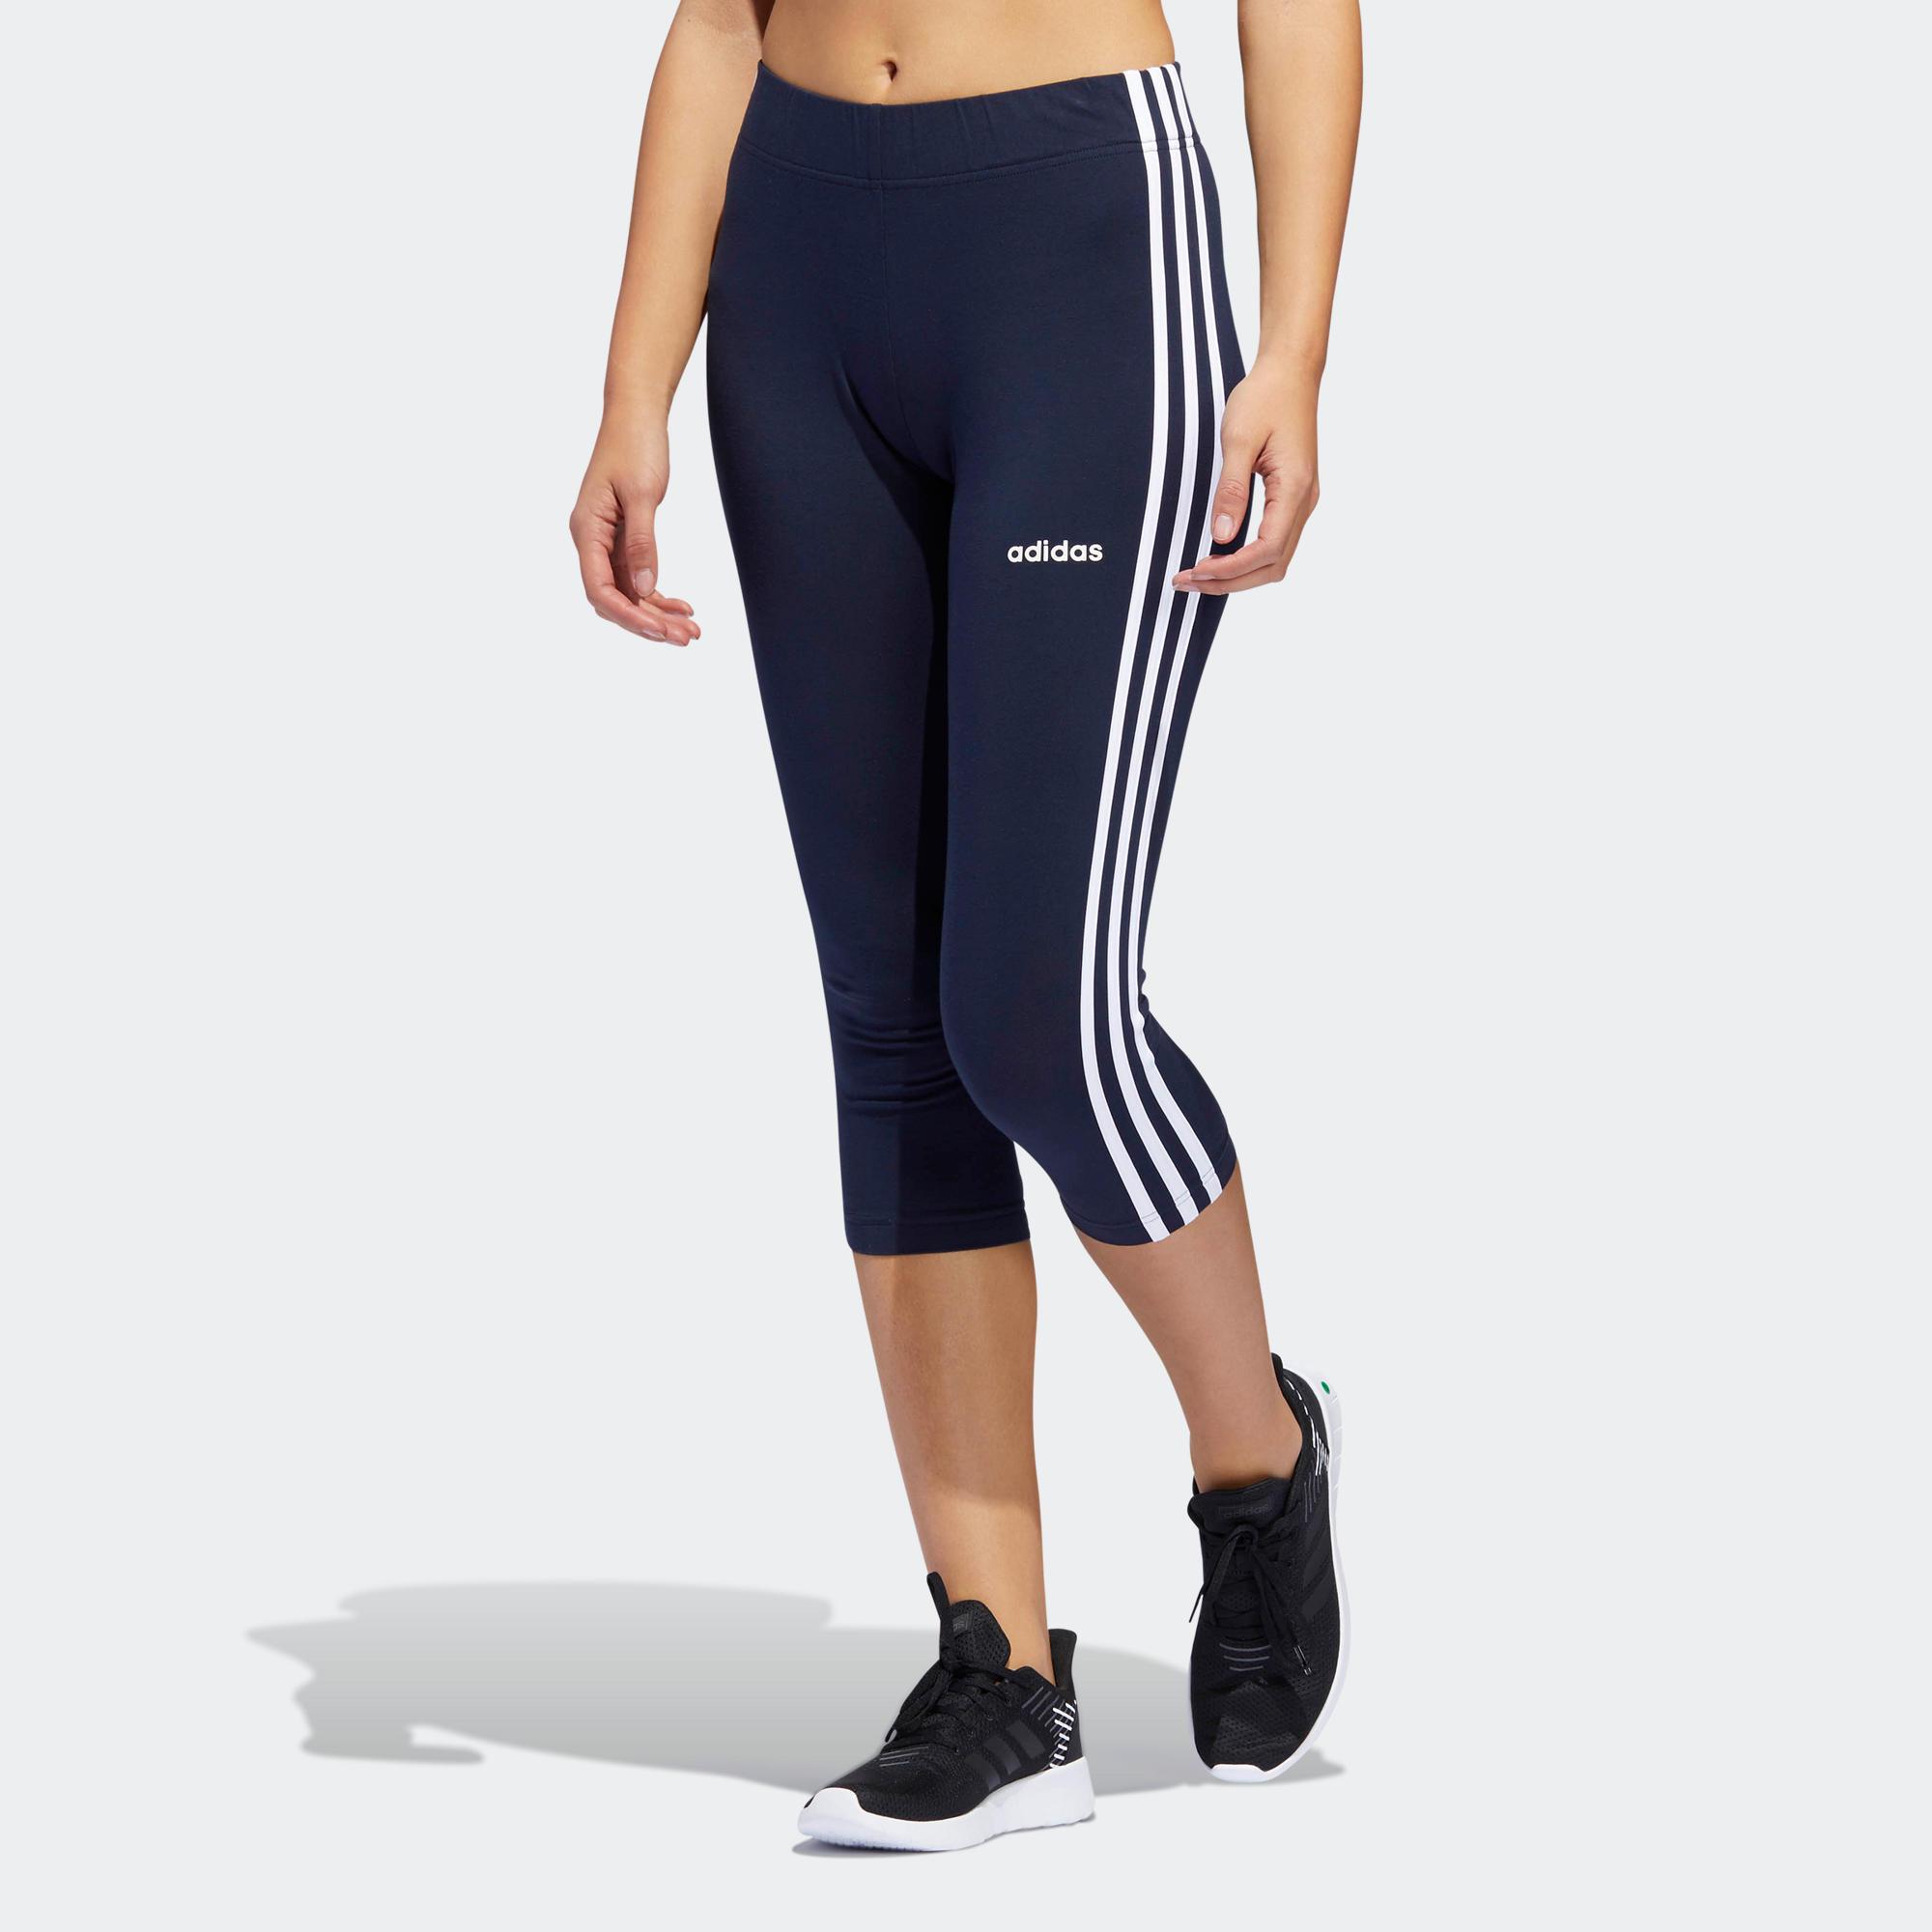 Colanți Adidas bleumarin Damă imagine